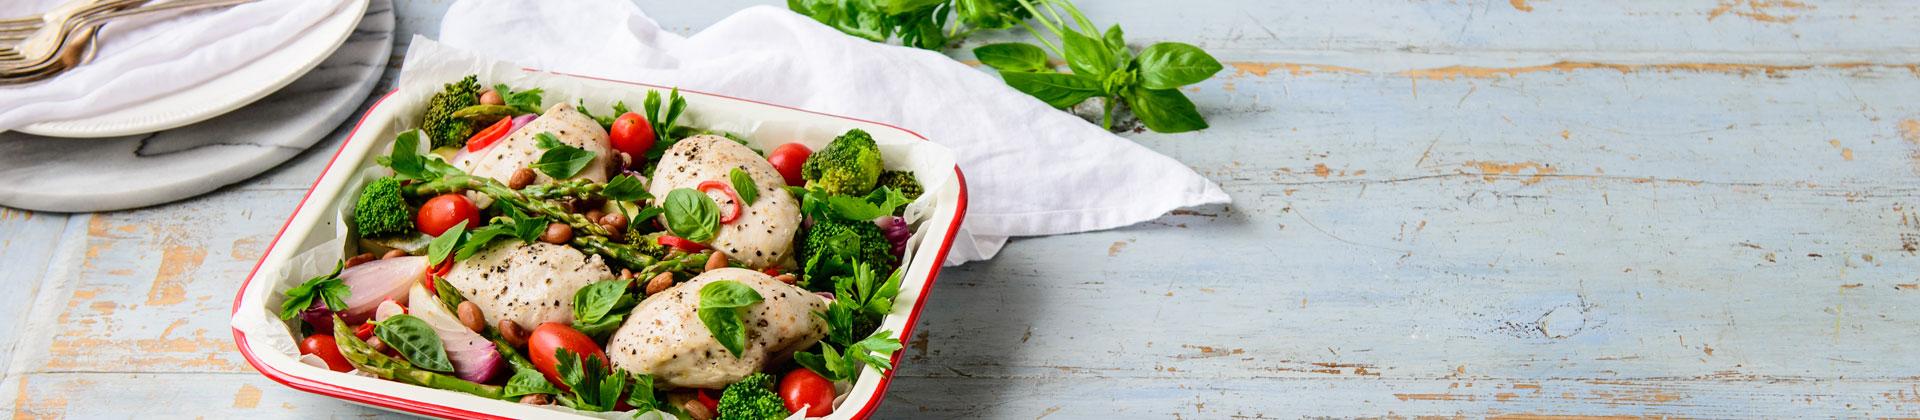 Mediterranean Baked Chicken & Vegies